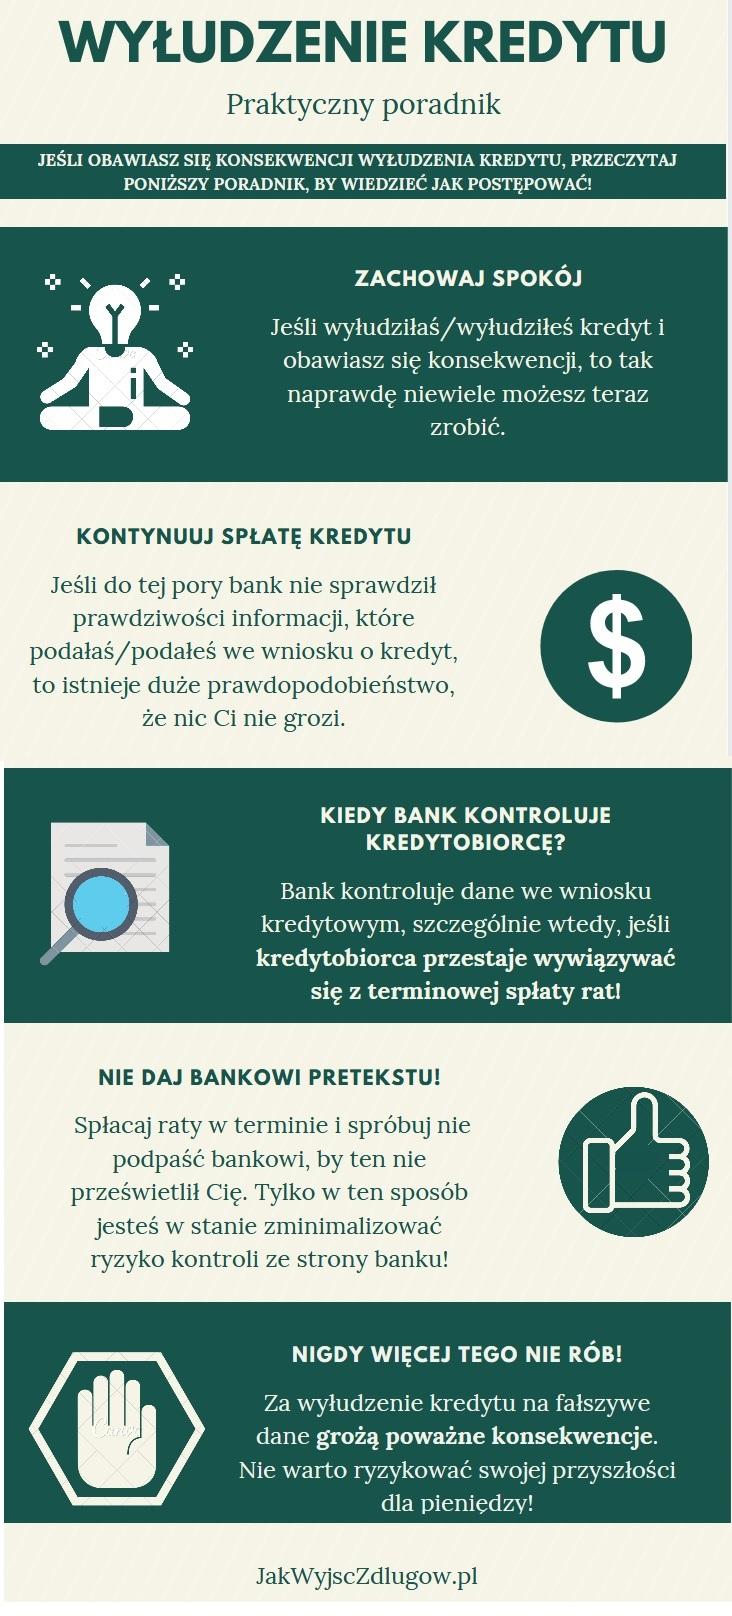 wyludzenie-kredytu